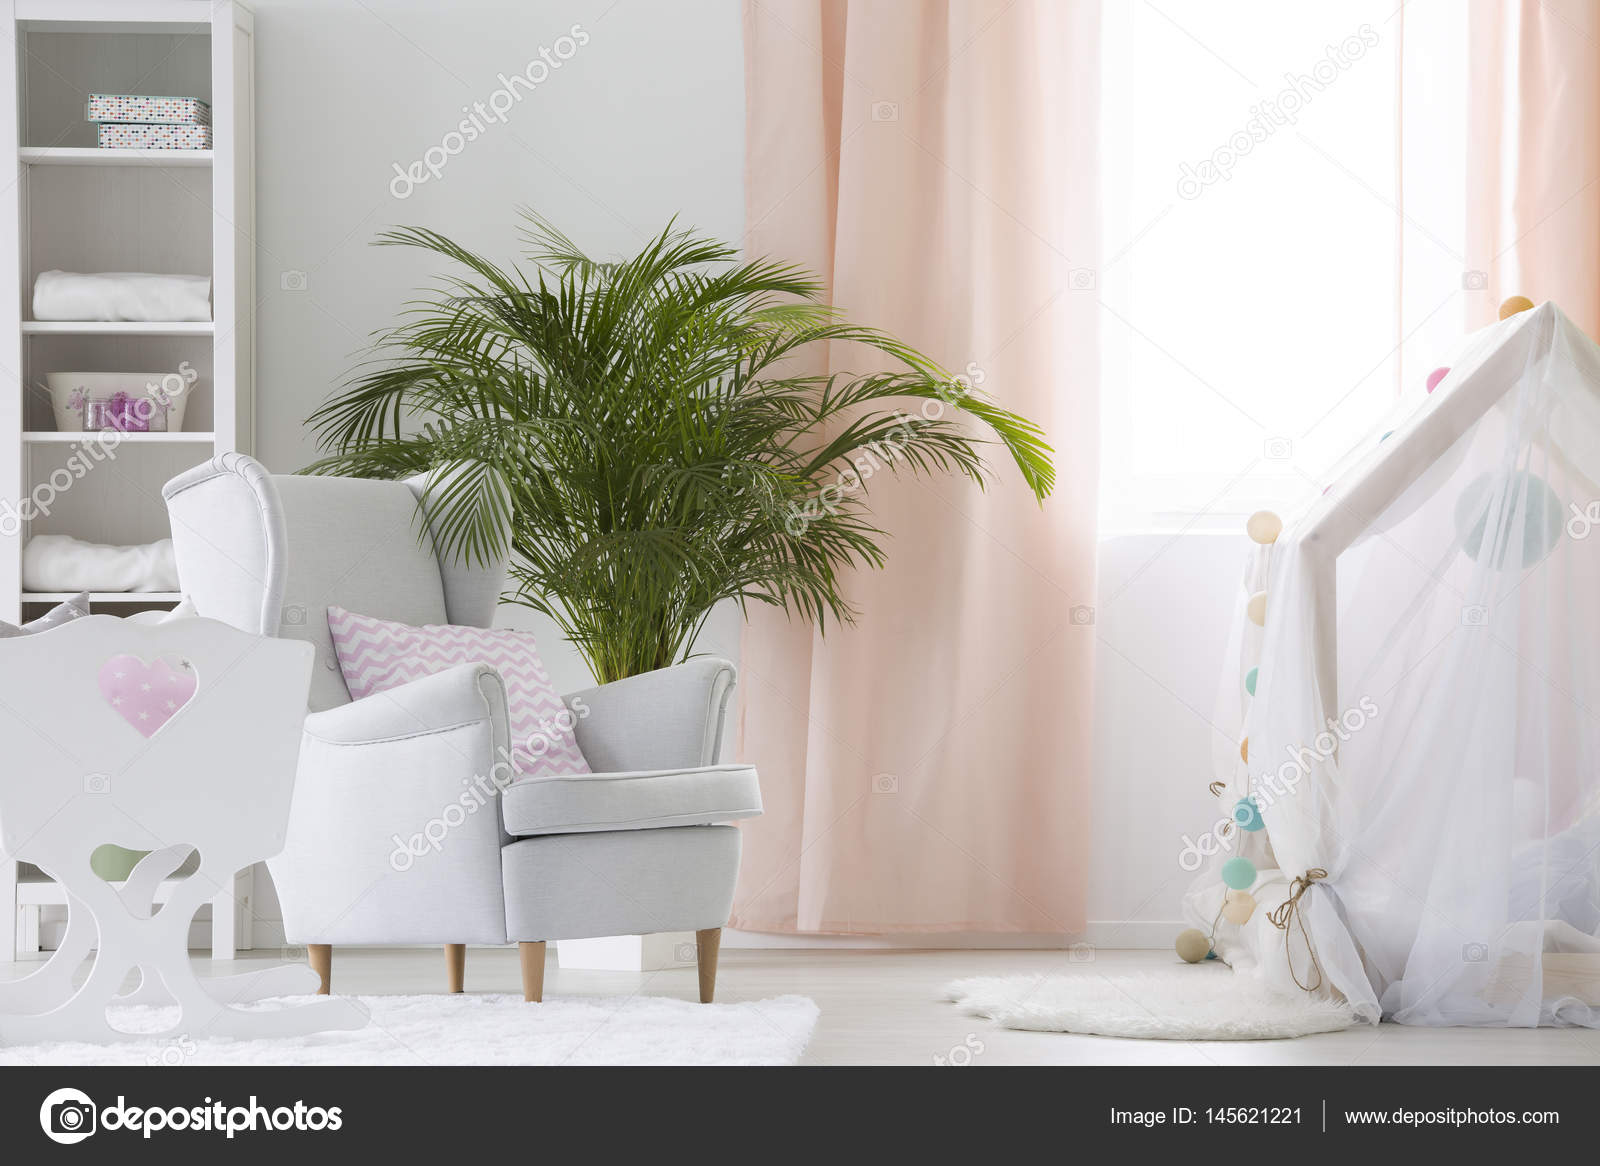 Ansprechend Sessel Babyzimmer Beste Wahl Mit Sessel, Krippe Und Anlagenbau — Stockfoto